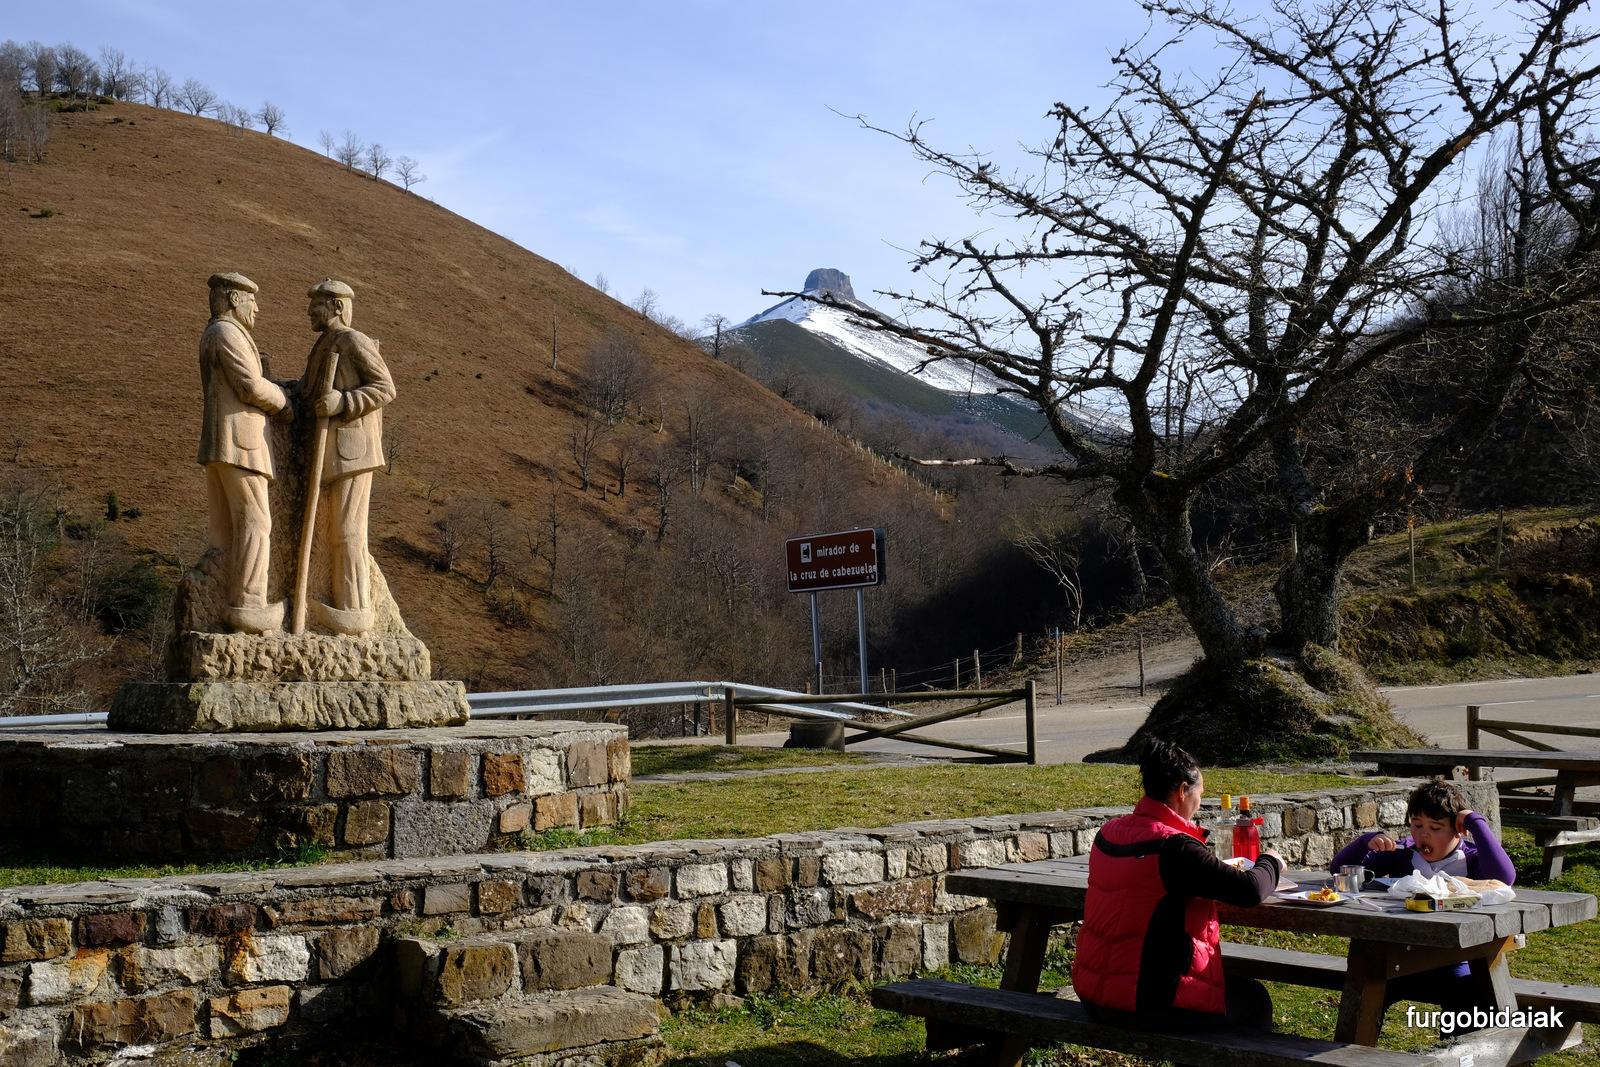 mirador Cruz de Cabezuela, Cantabria